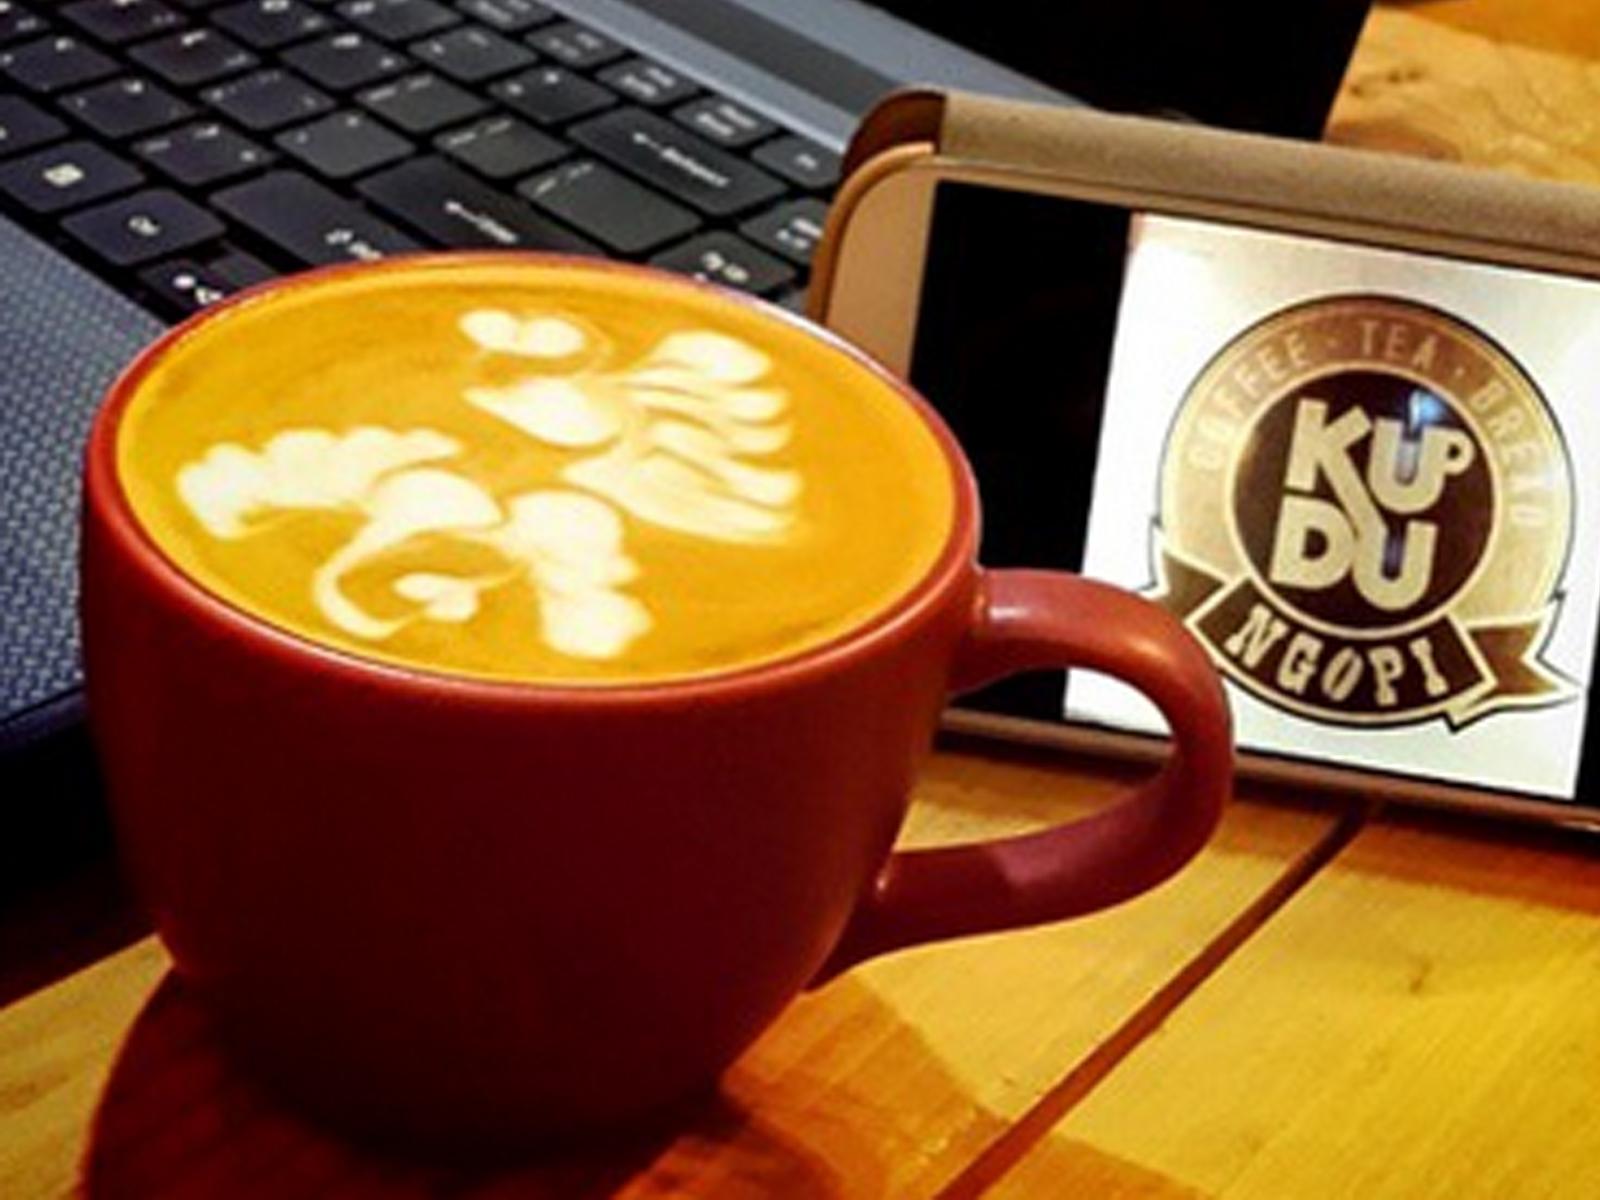 Cafe Kudu Ngopi  Bandung